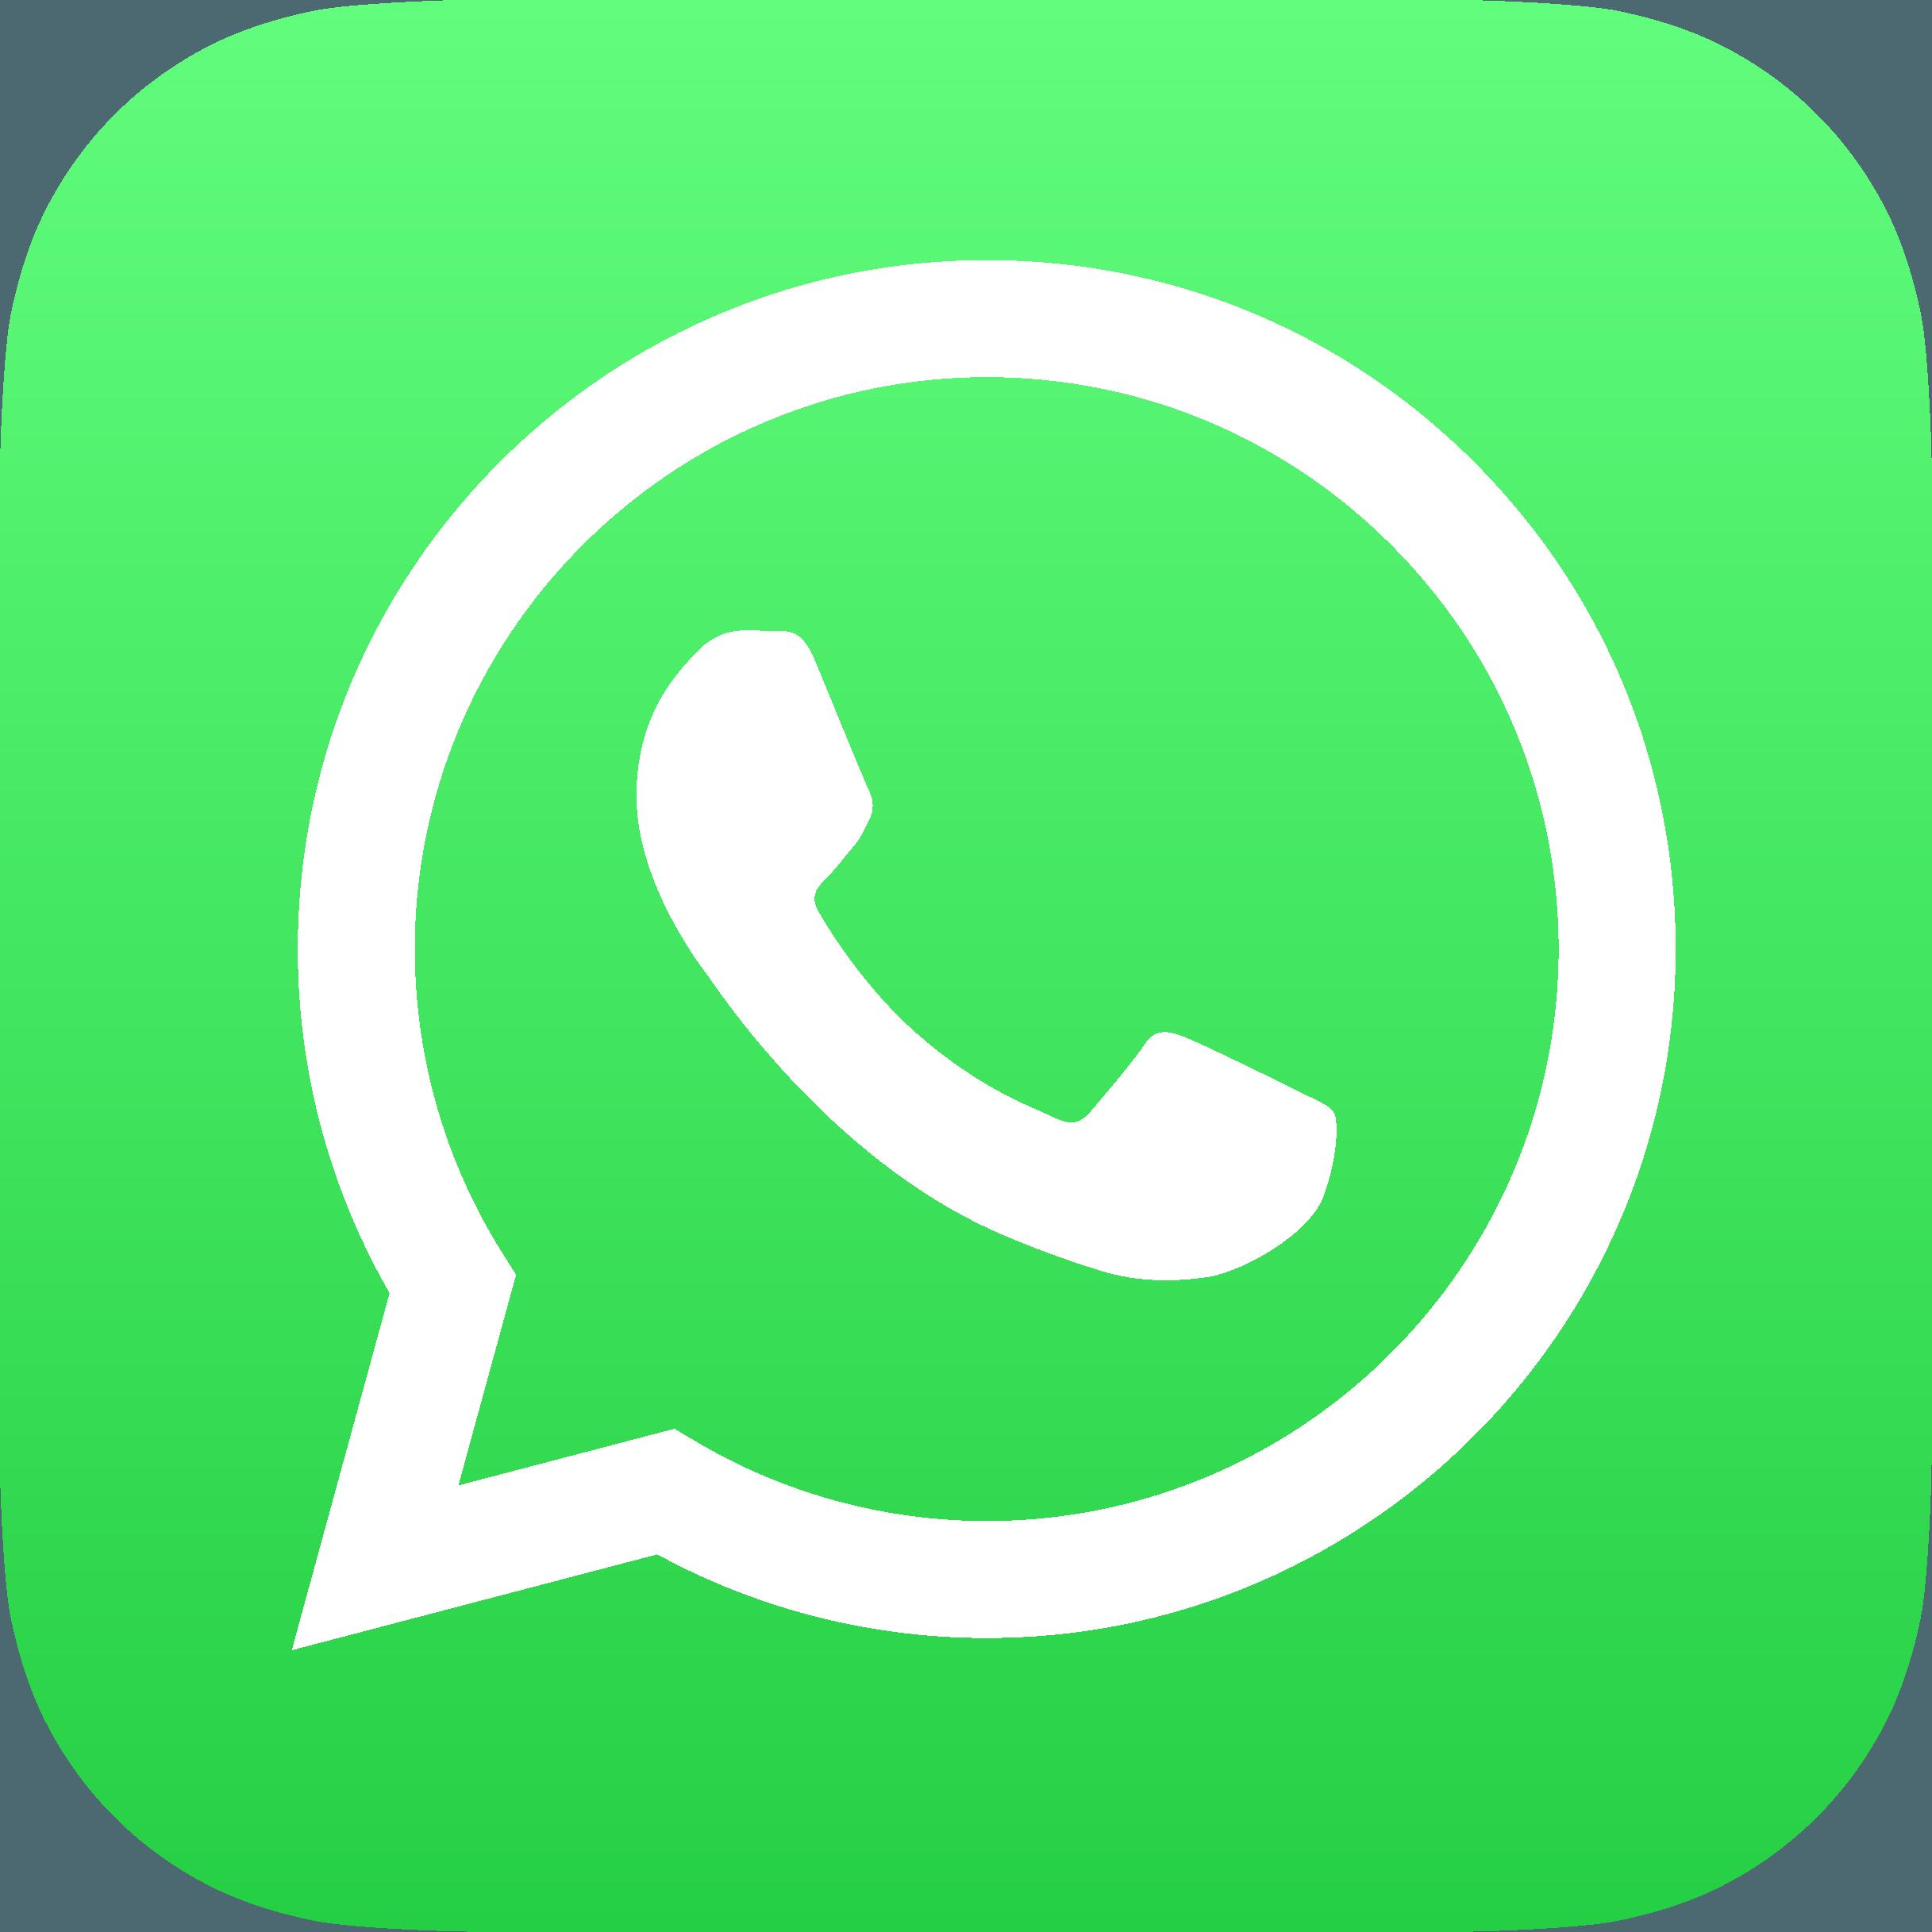 Whatsapp Logo Png Image Desain Logo Bisnis Buku Alamat Logo Aplikasi